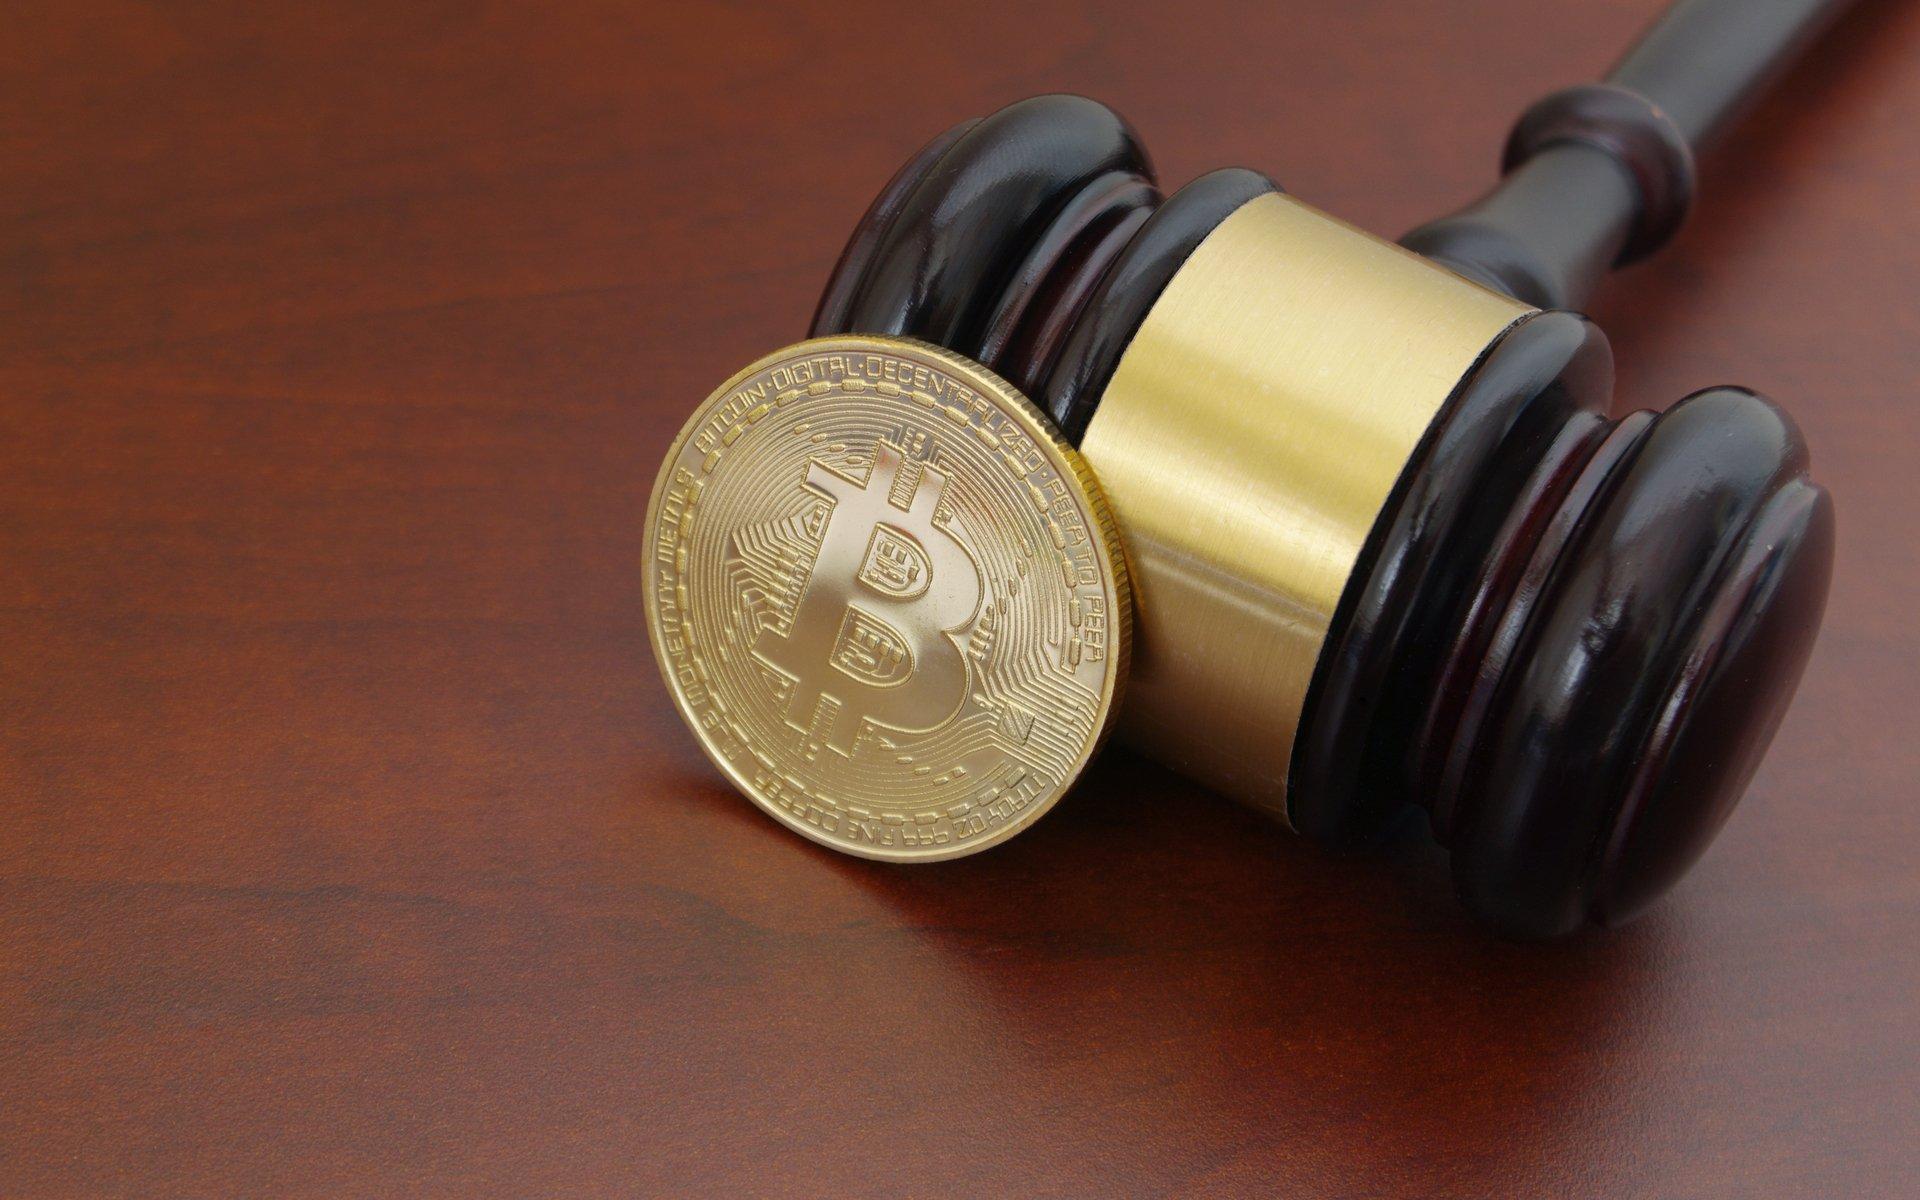 Из песочницы О прокурорских блокировках криптовалютных сайтов